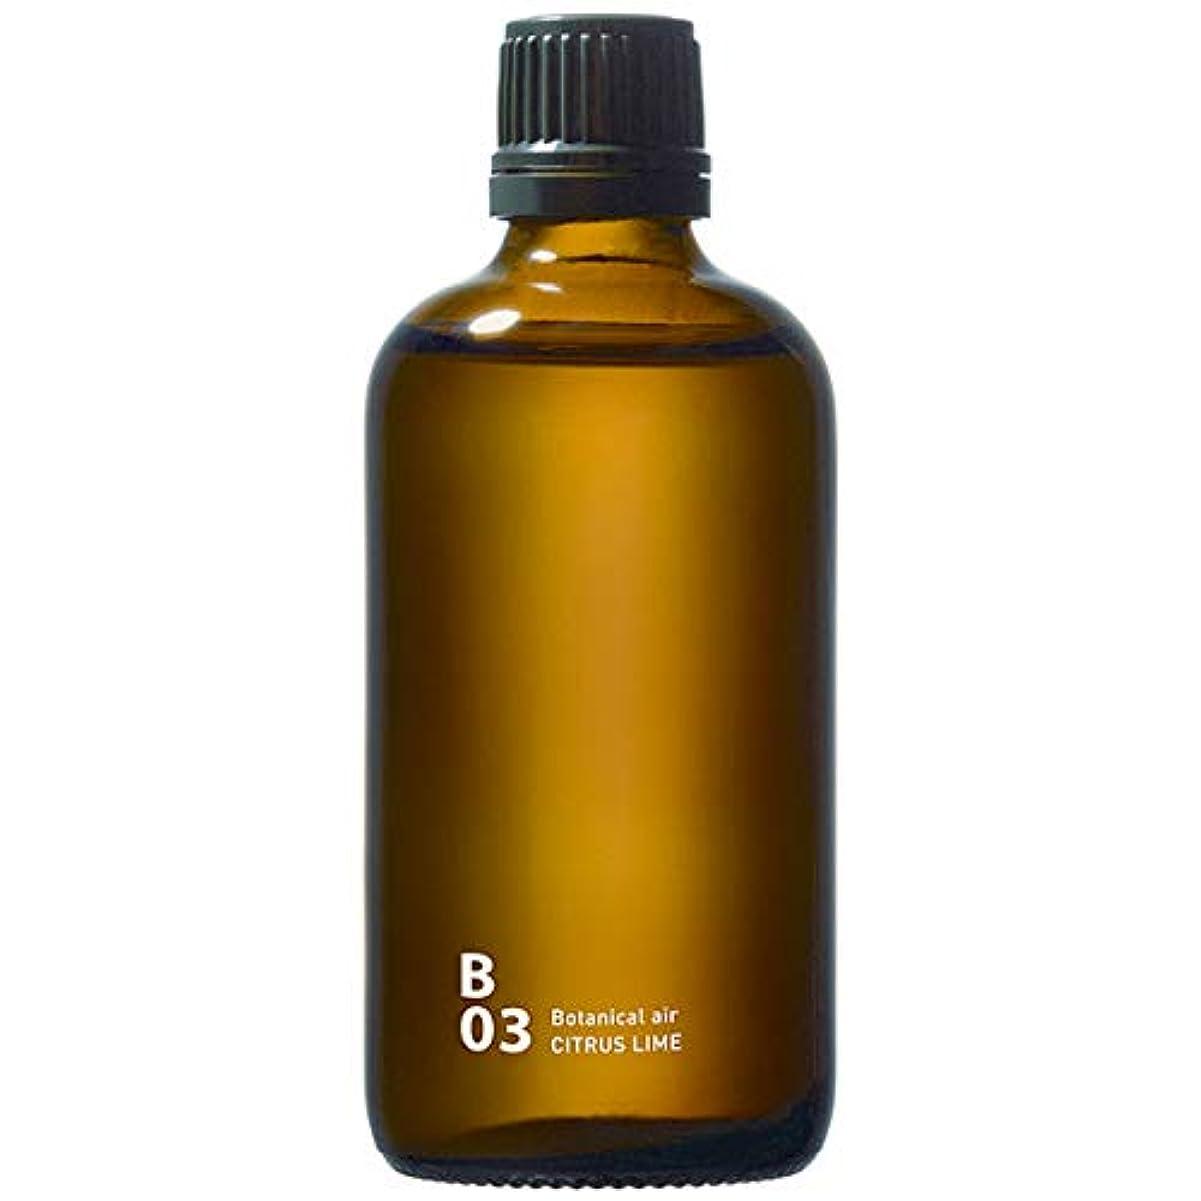 資本主義伝染性の郡B03 CITRUS LIME piezo aroma oil 100ml